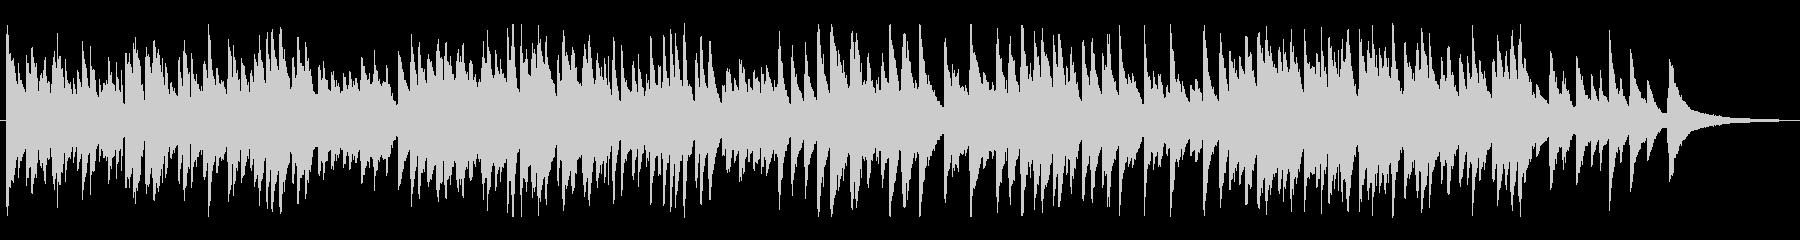 ジャズ風のゆっくりめラウンジピアノソロの未再生の波形